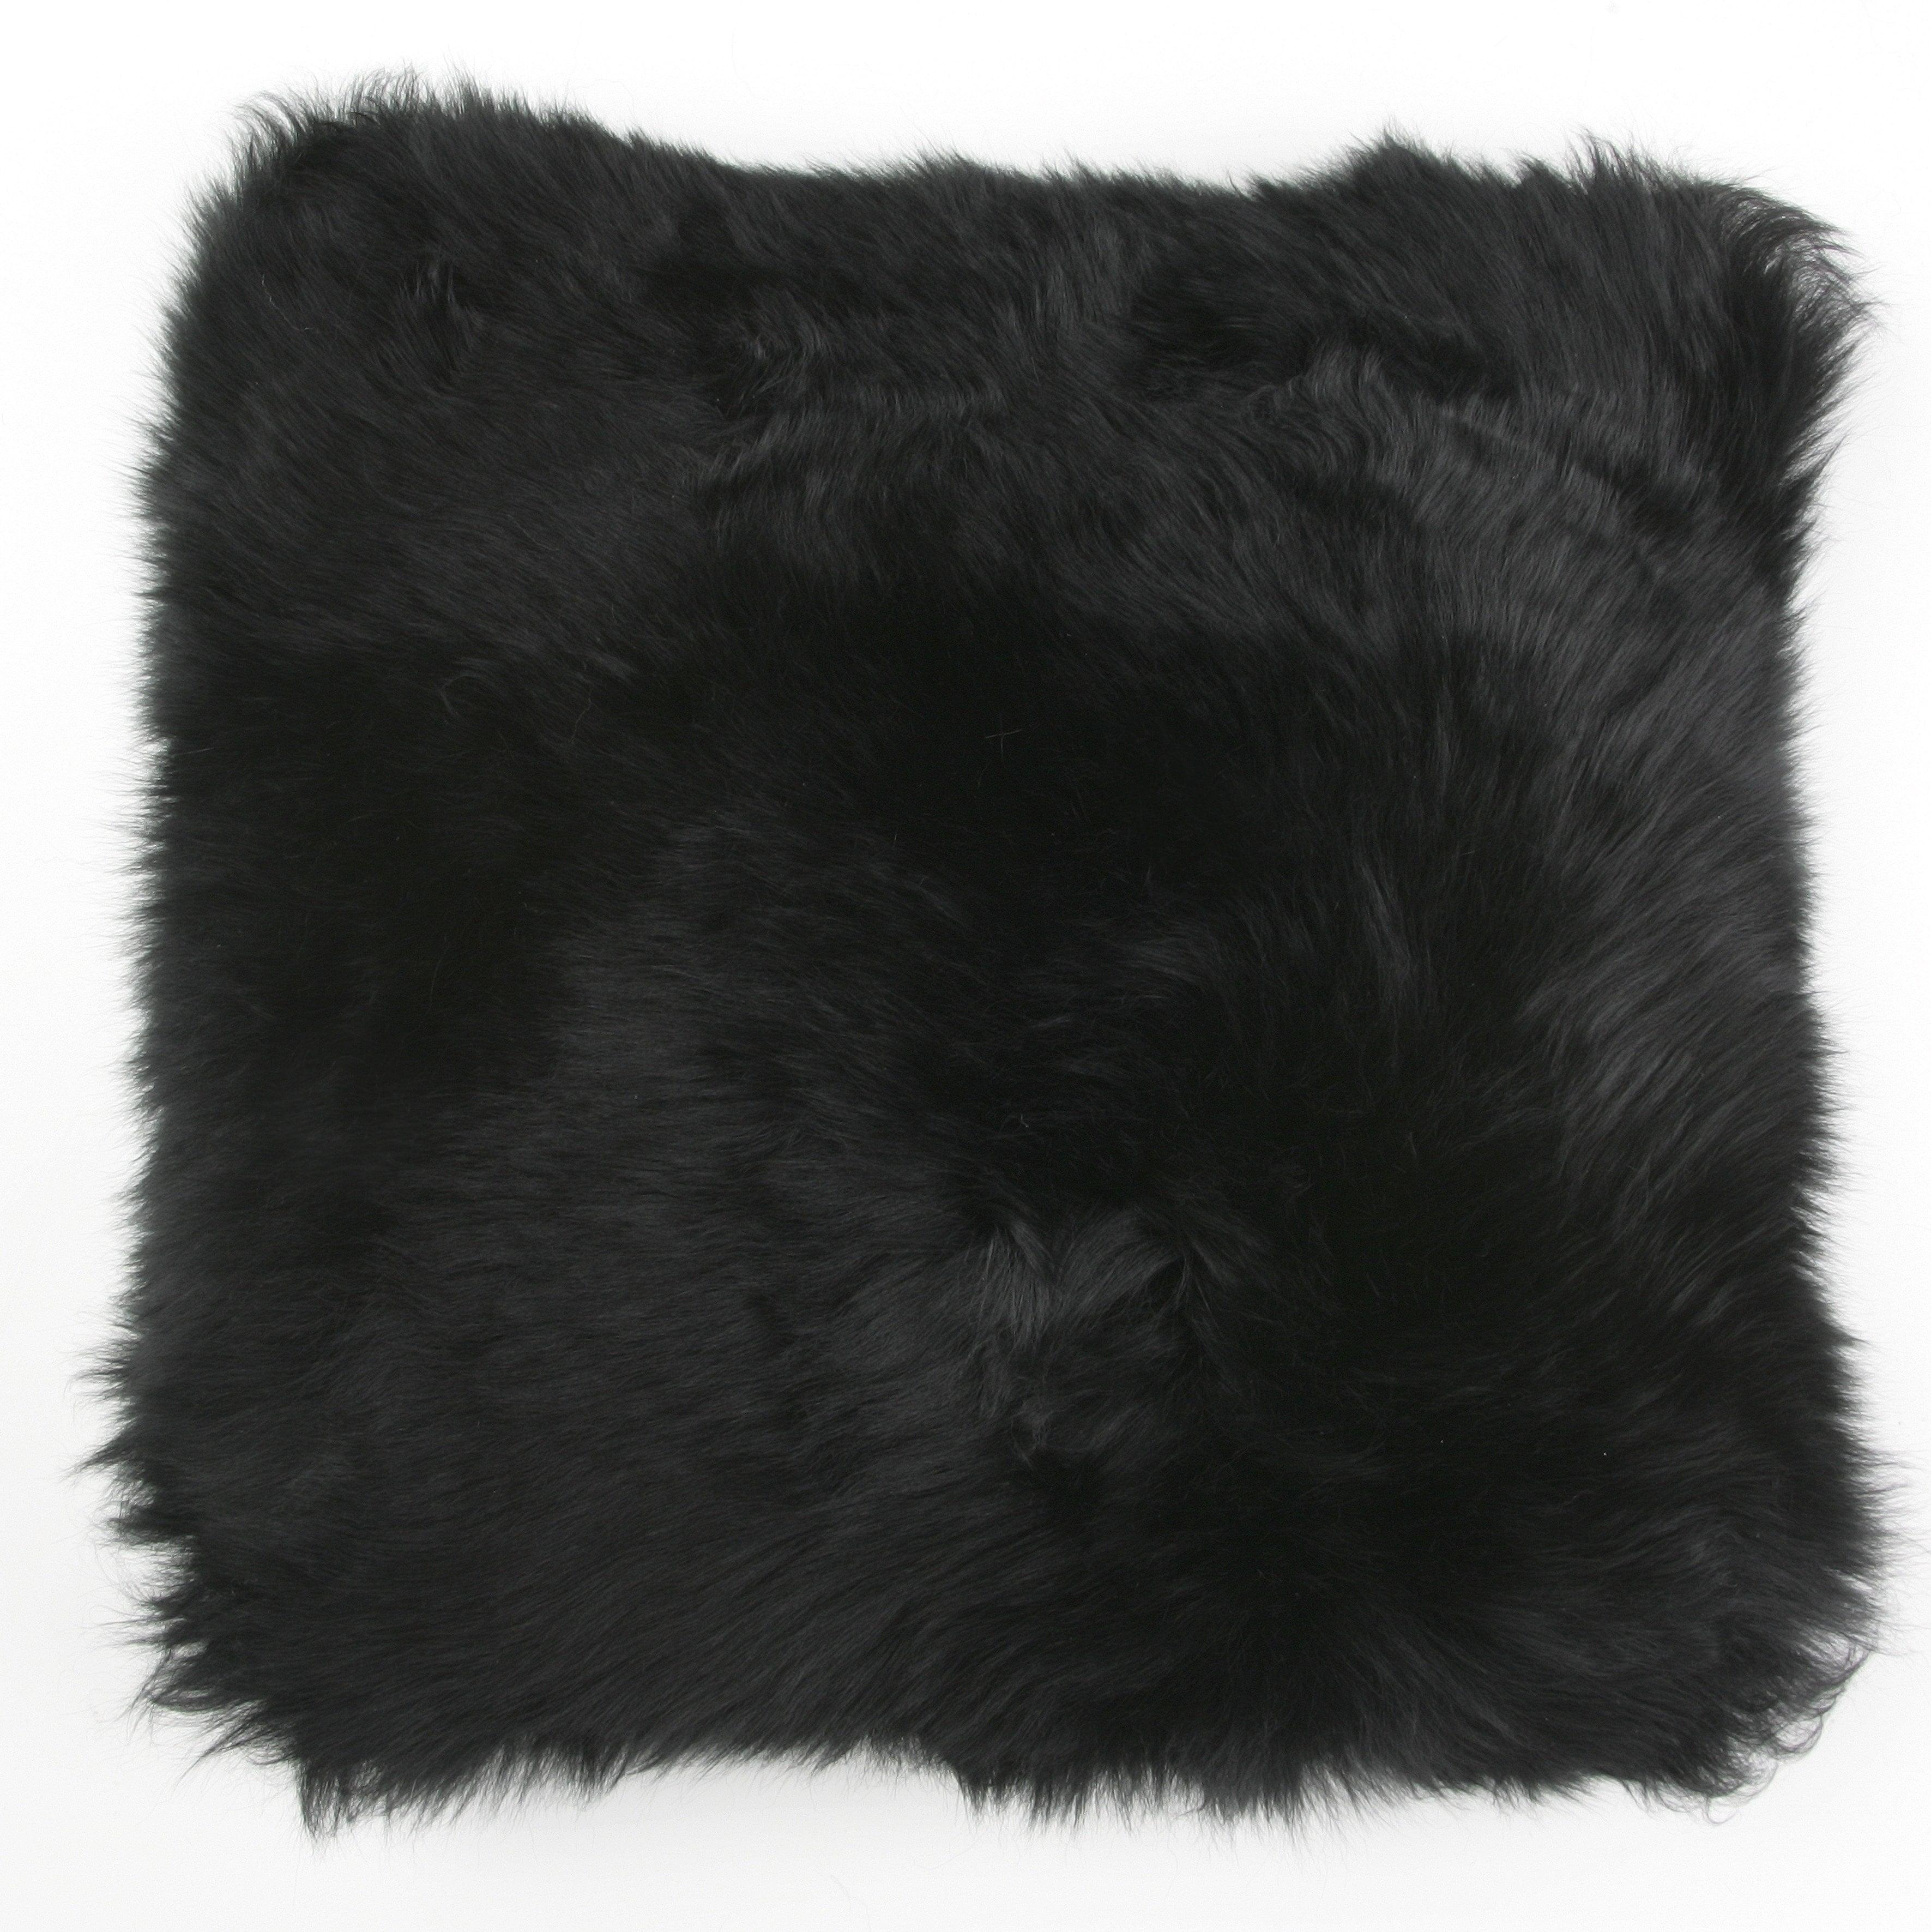 Silky Sheepskin Square Seat Pad in Black